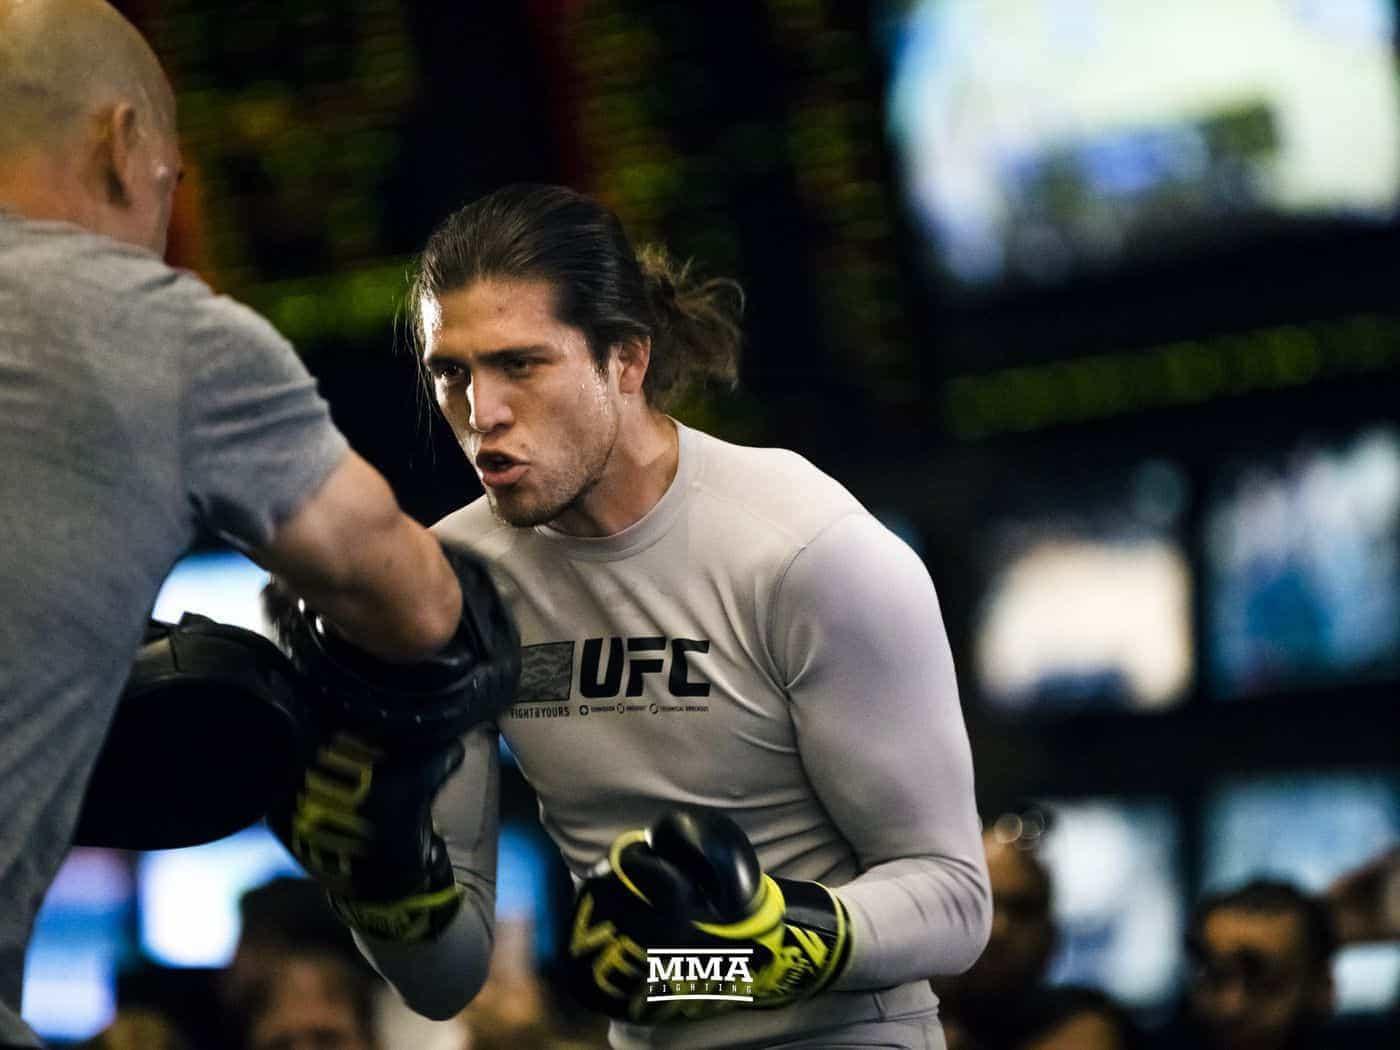 """Брайан Ортега: """"UFC компенсировали мне расходы, теперь я молюсь за Макса Холлоуэя"""""""